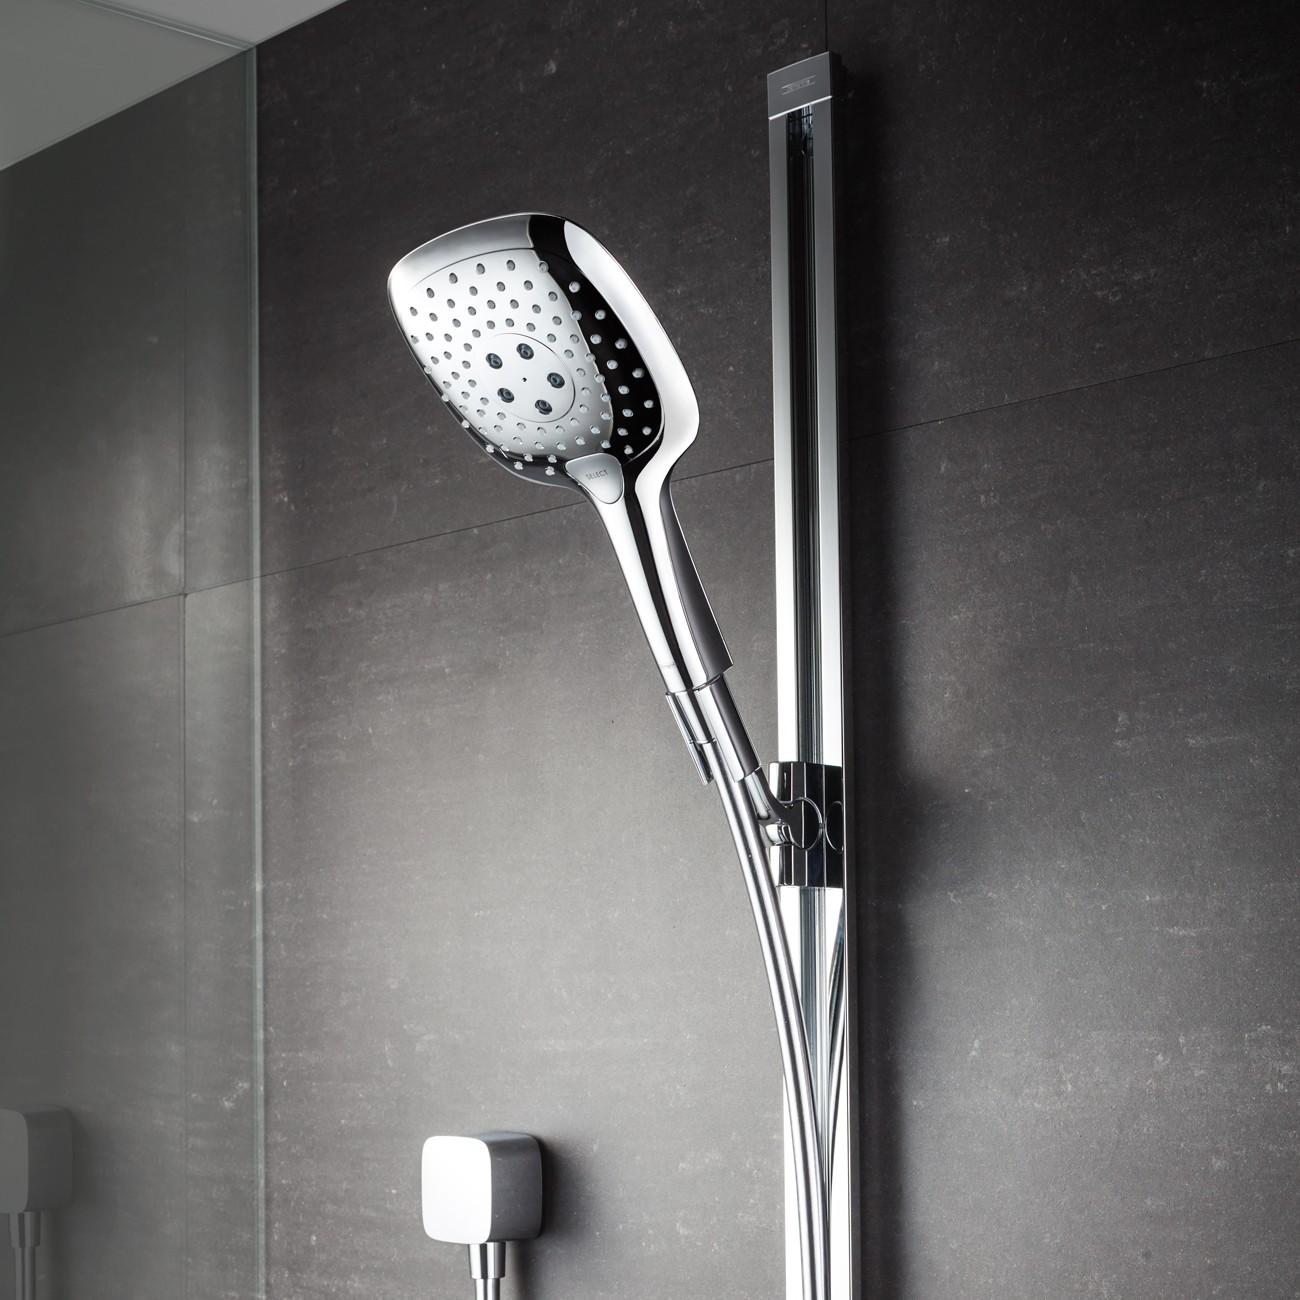 hansgrohe_raindance_showers_select-e150-luxury-rail-shower_327824_2.jpg